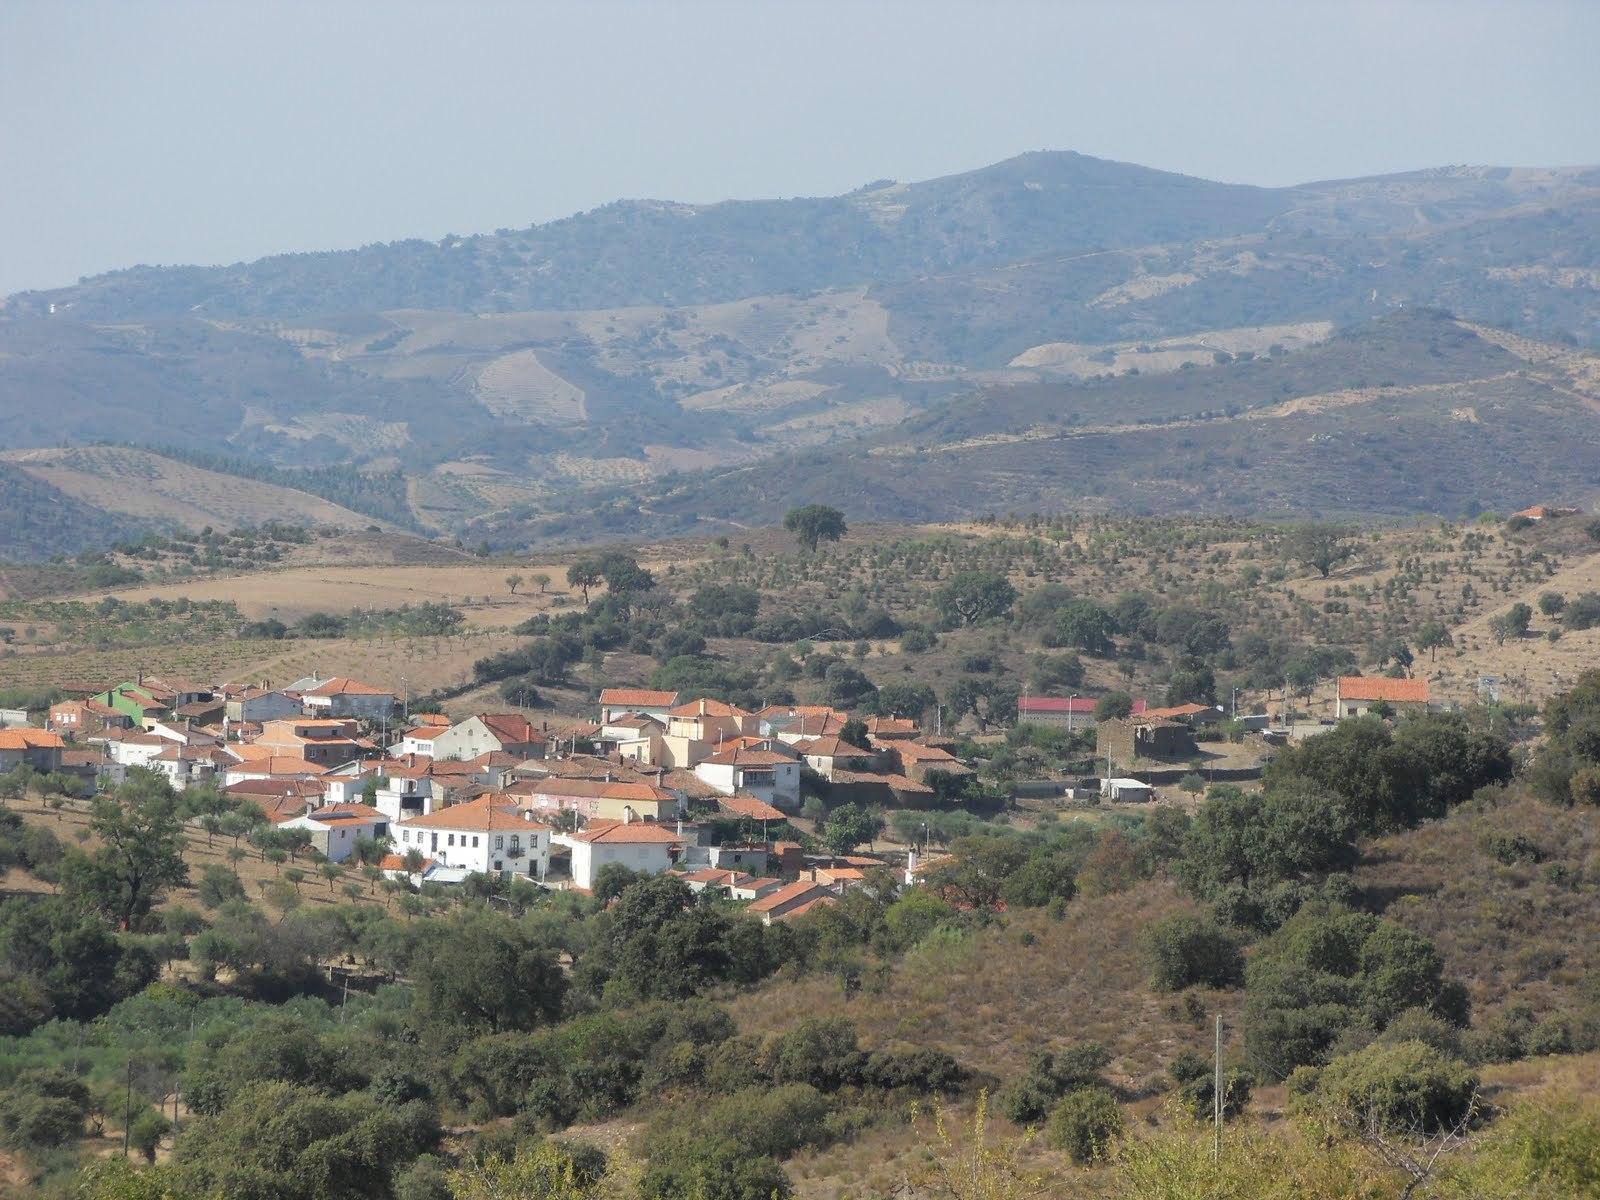 Durante os dias 4, 5, 6, 11, 12 e 13 de Setembro, realizámos rastreios de Pé Diabético e Demências em todo o concelho de Alfandega da Fé.